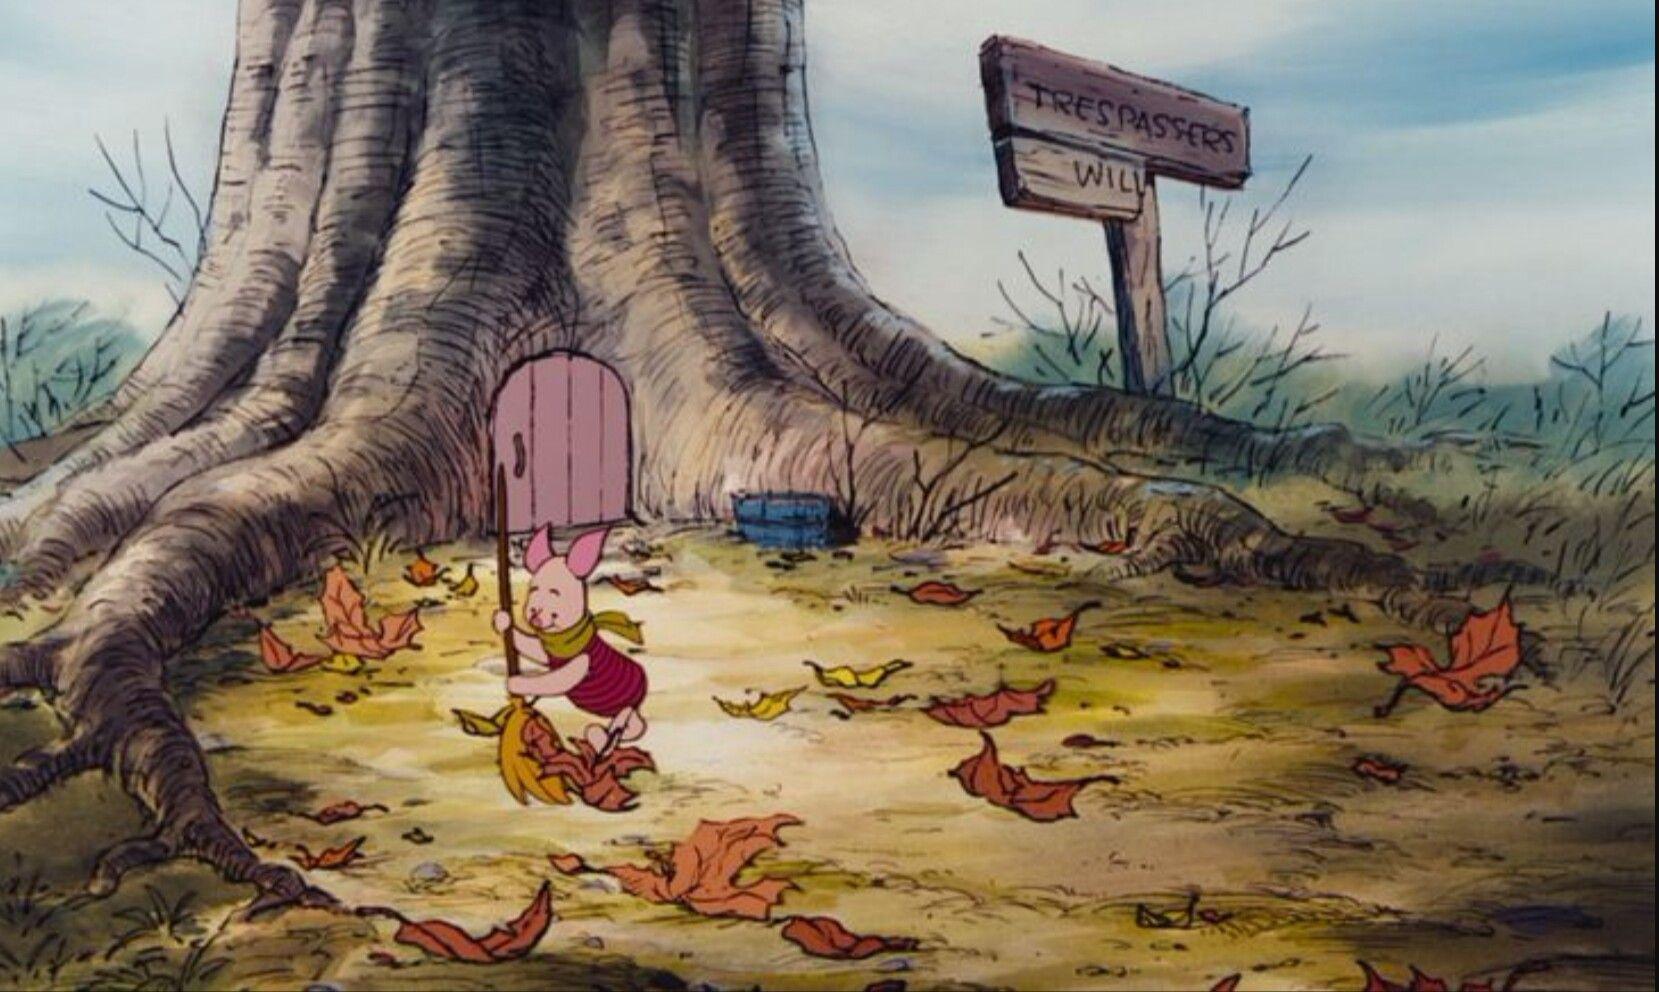 Winnie The Pooh Forest Background: Winnie The Pooh Background Art (с изображениями